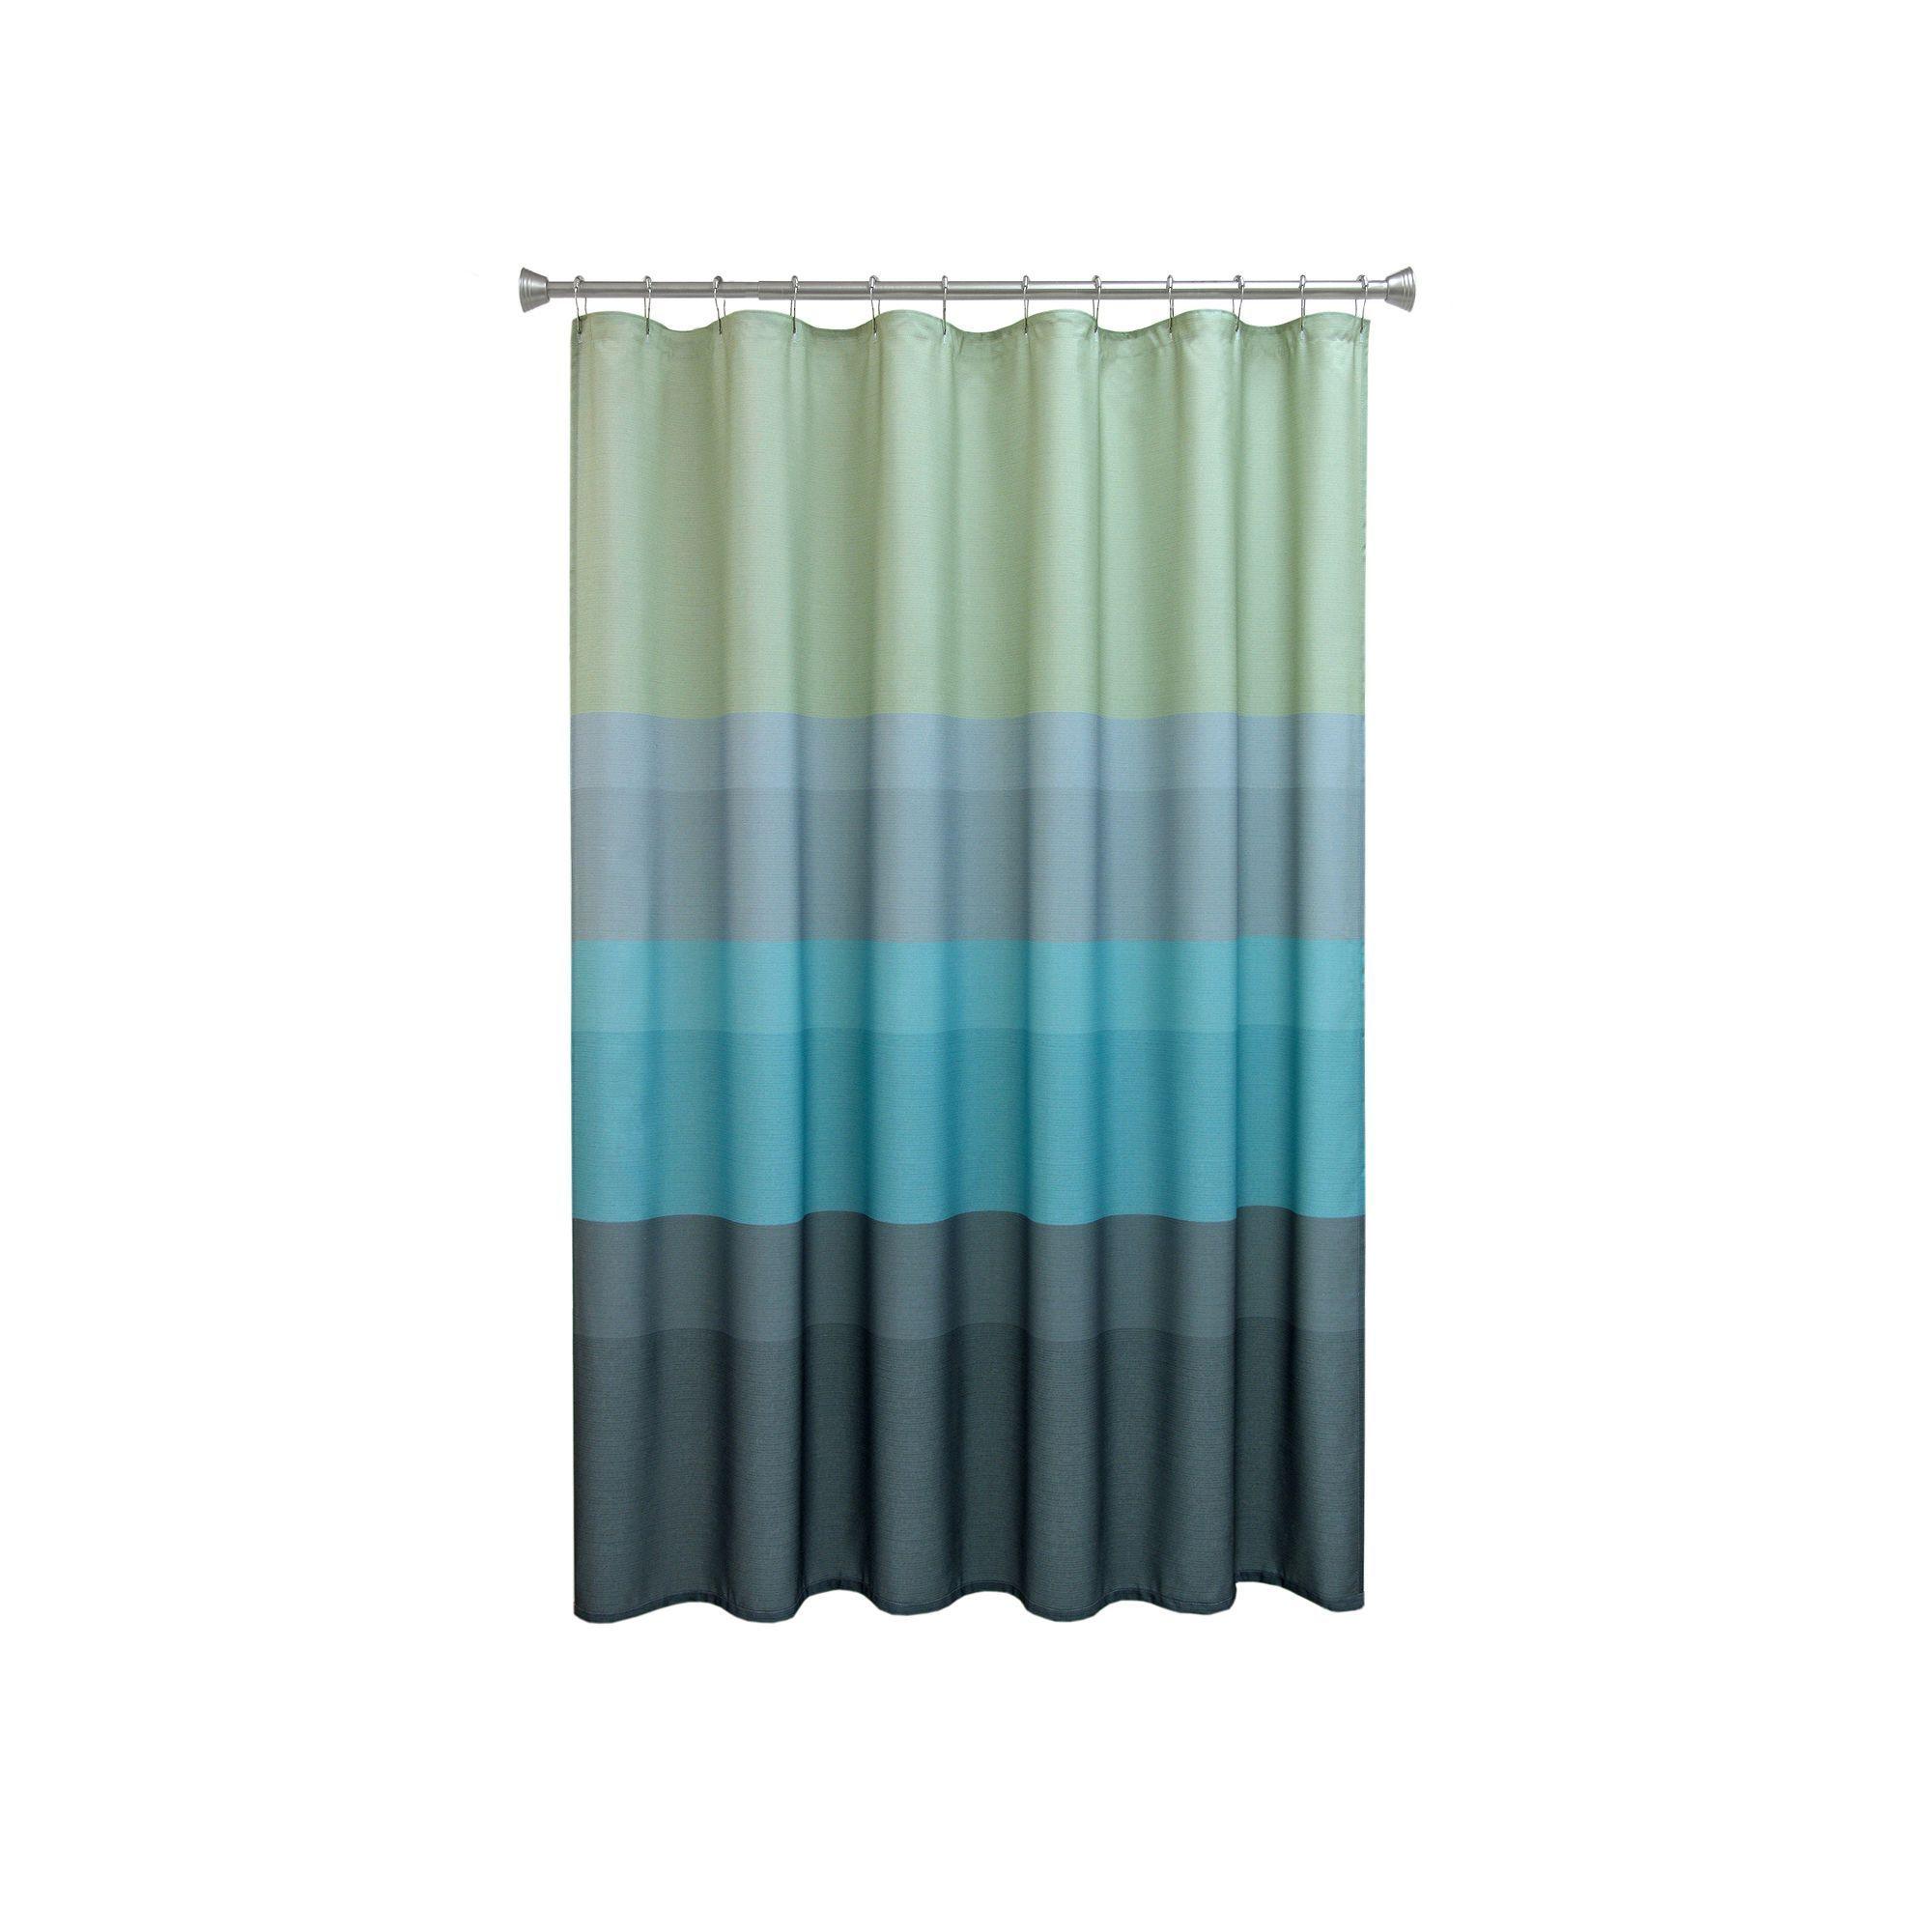 Chevron Beach Striped Fabric Shower Curtain, Multicolor | Striped ...